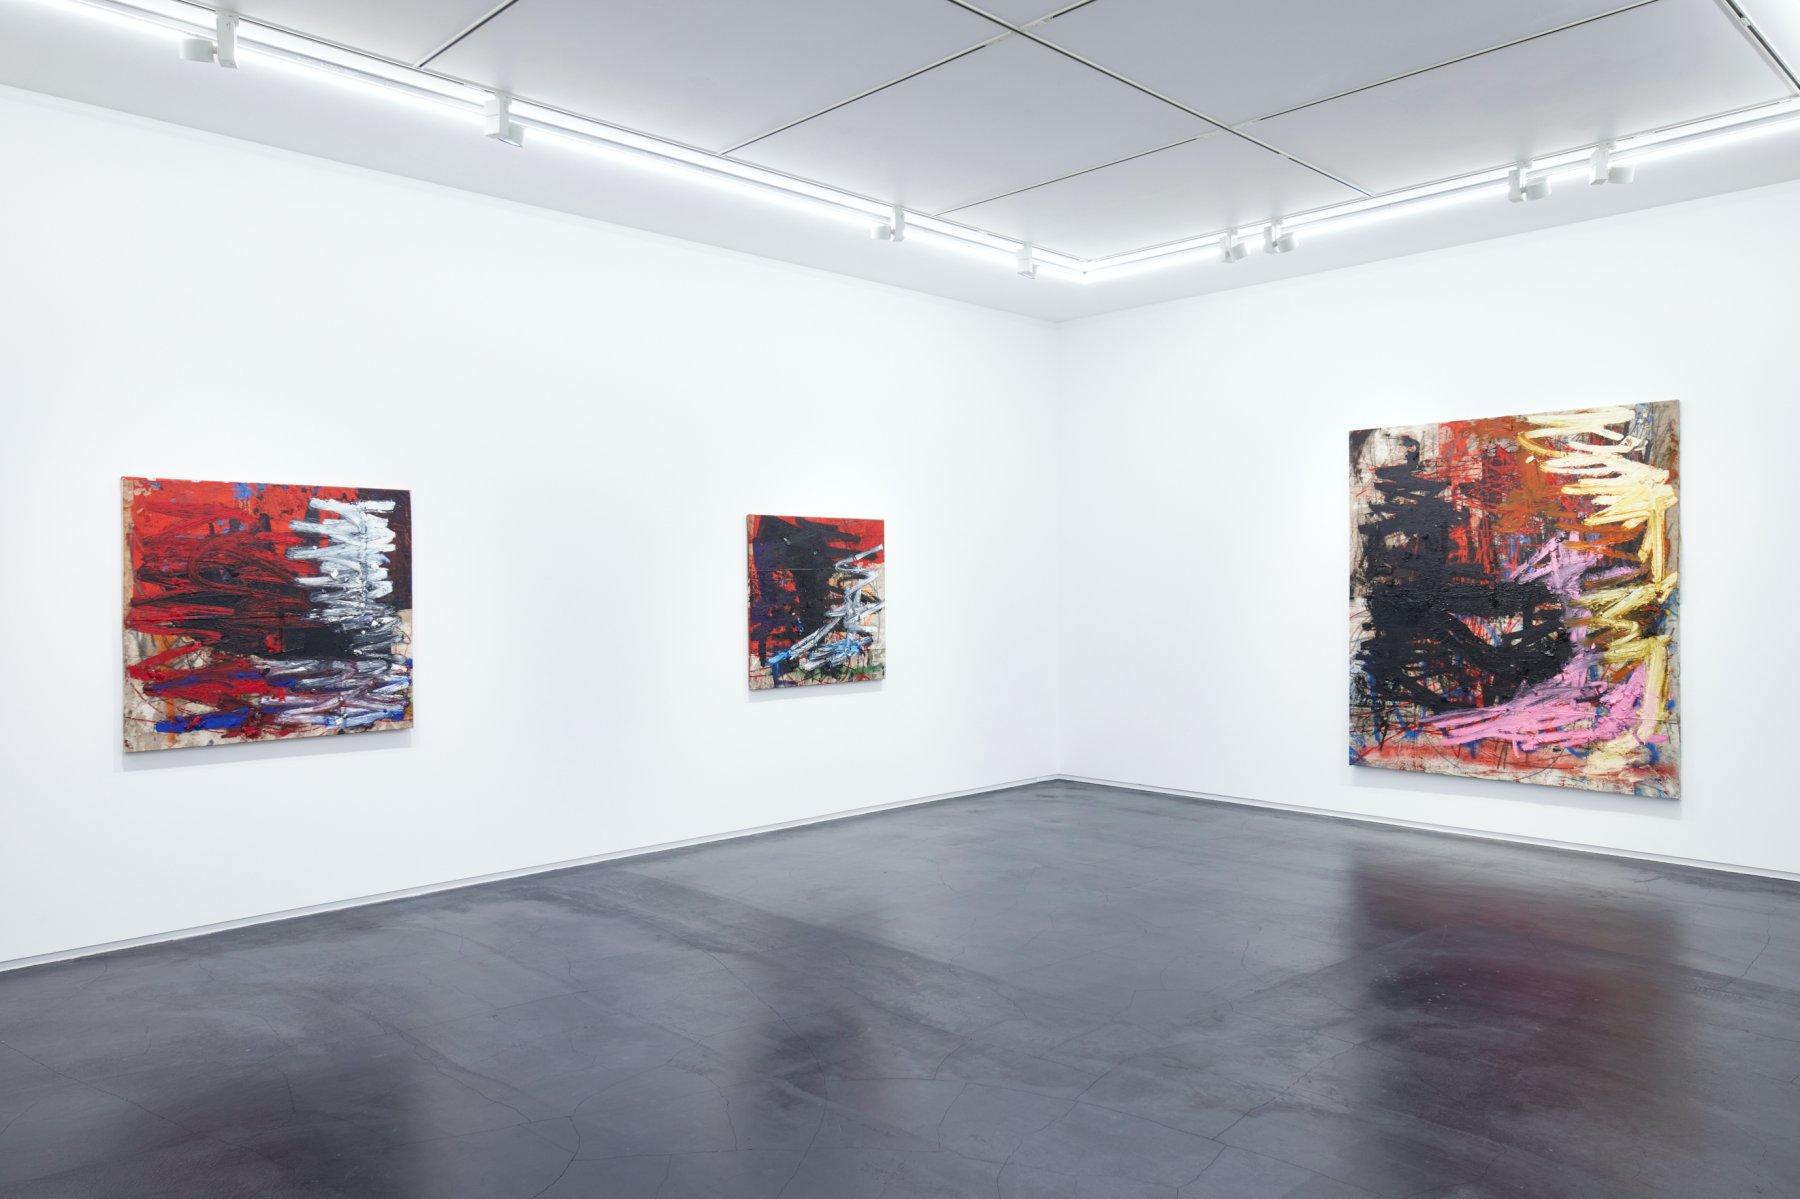 Taka Ishii Gallery Oscar Murillo 1